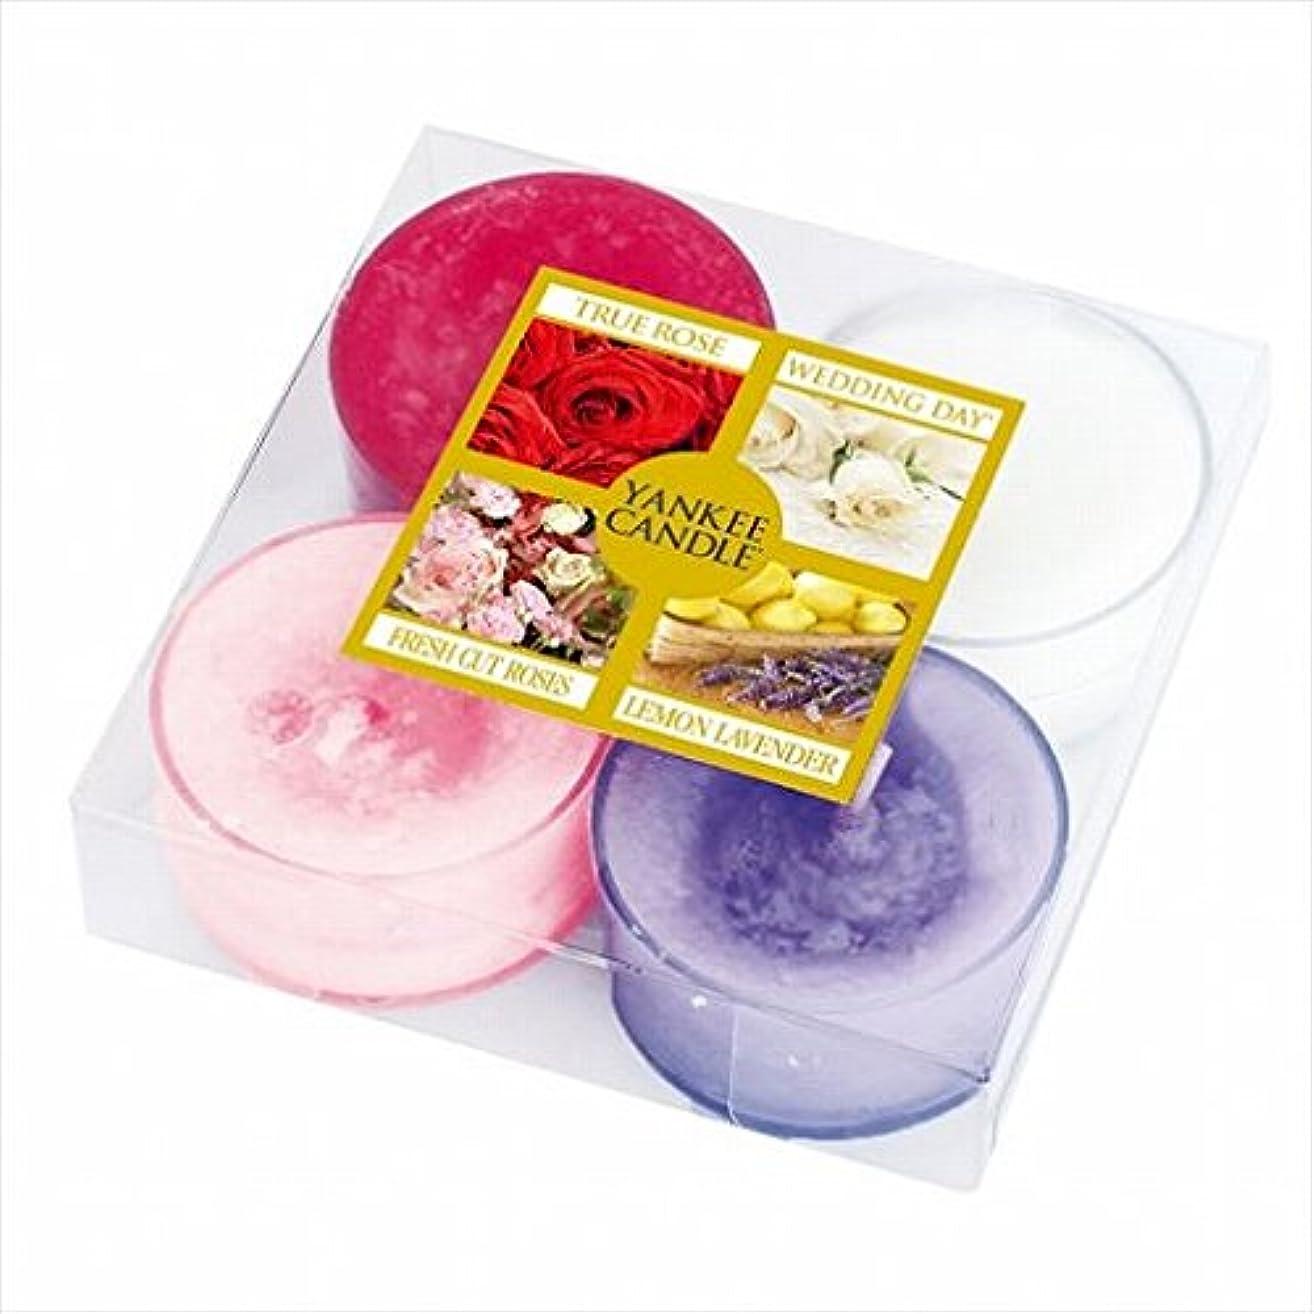 部分売る無心カメヤマキャンドル(kameyama candle) YANKEE CANDLE クリアカップティーライト4個入り アソート 「 ピンクフローラル 」